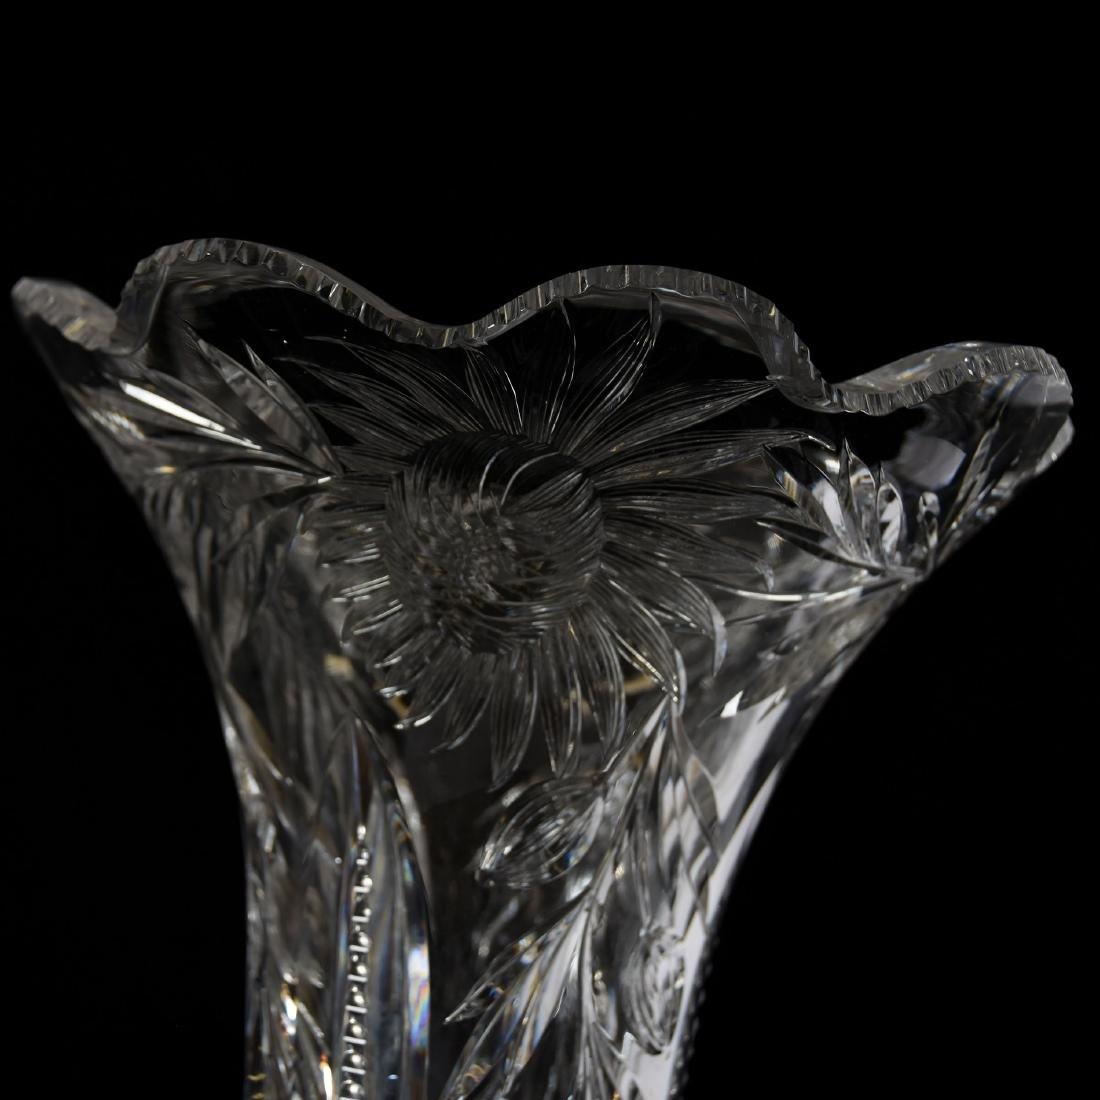 Pedestal Vase, Hawkes, Engraved Aster Floral Motif - 3